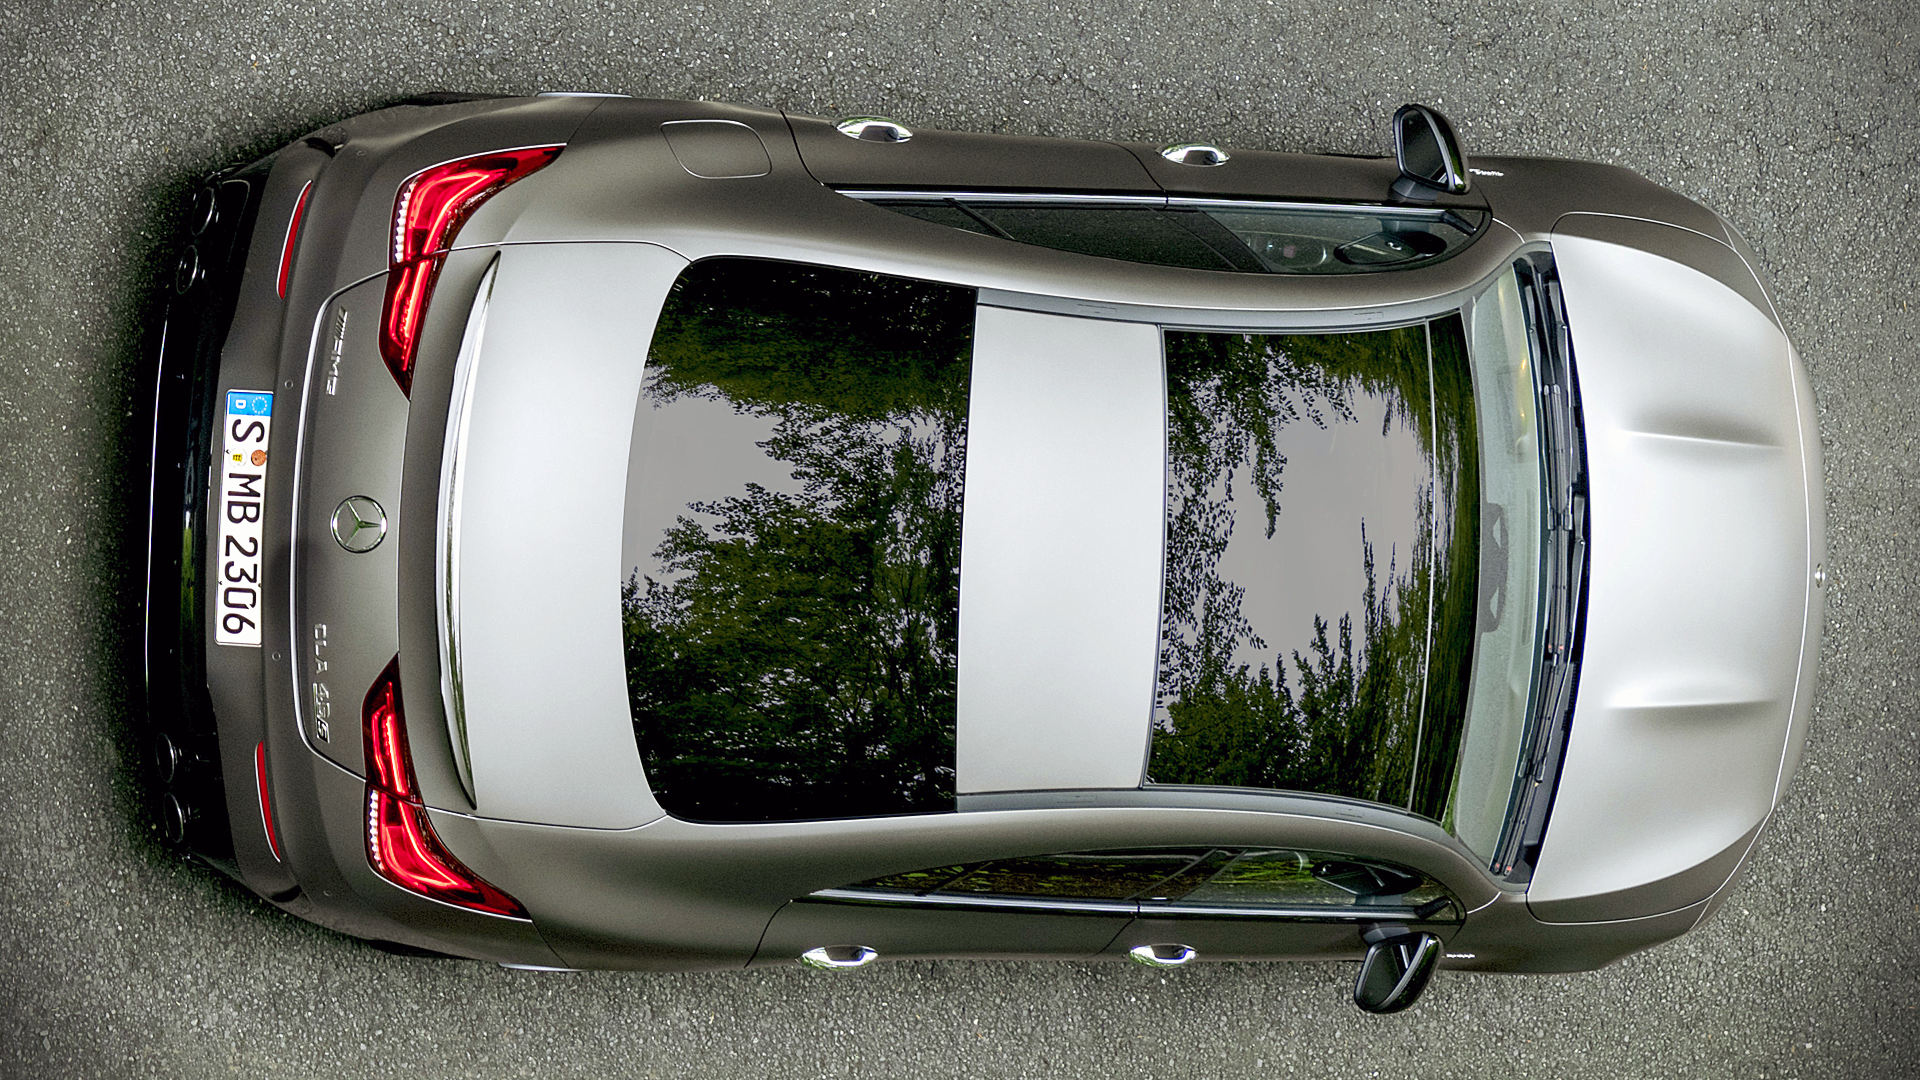 2020 Mercedes CLA 45 AMG Interior Wallpaper Hd